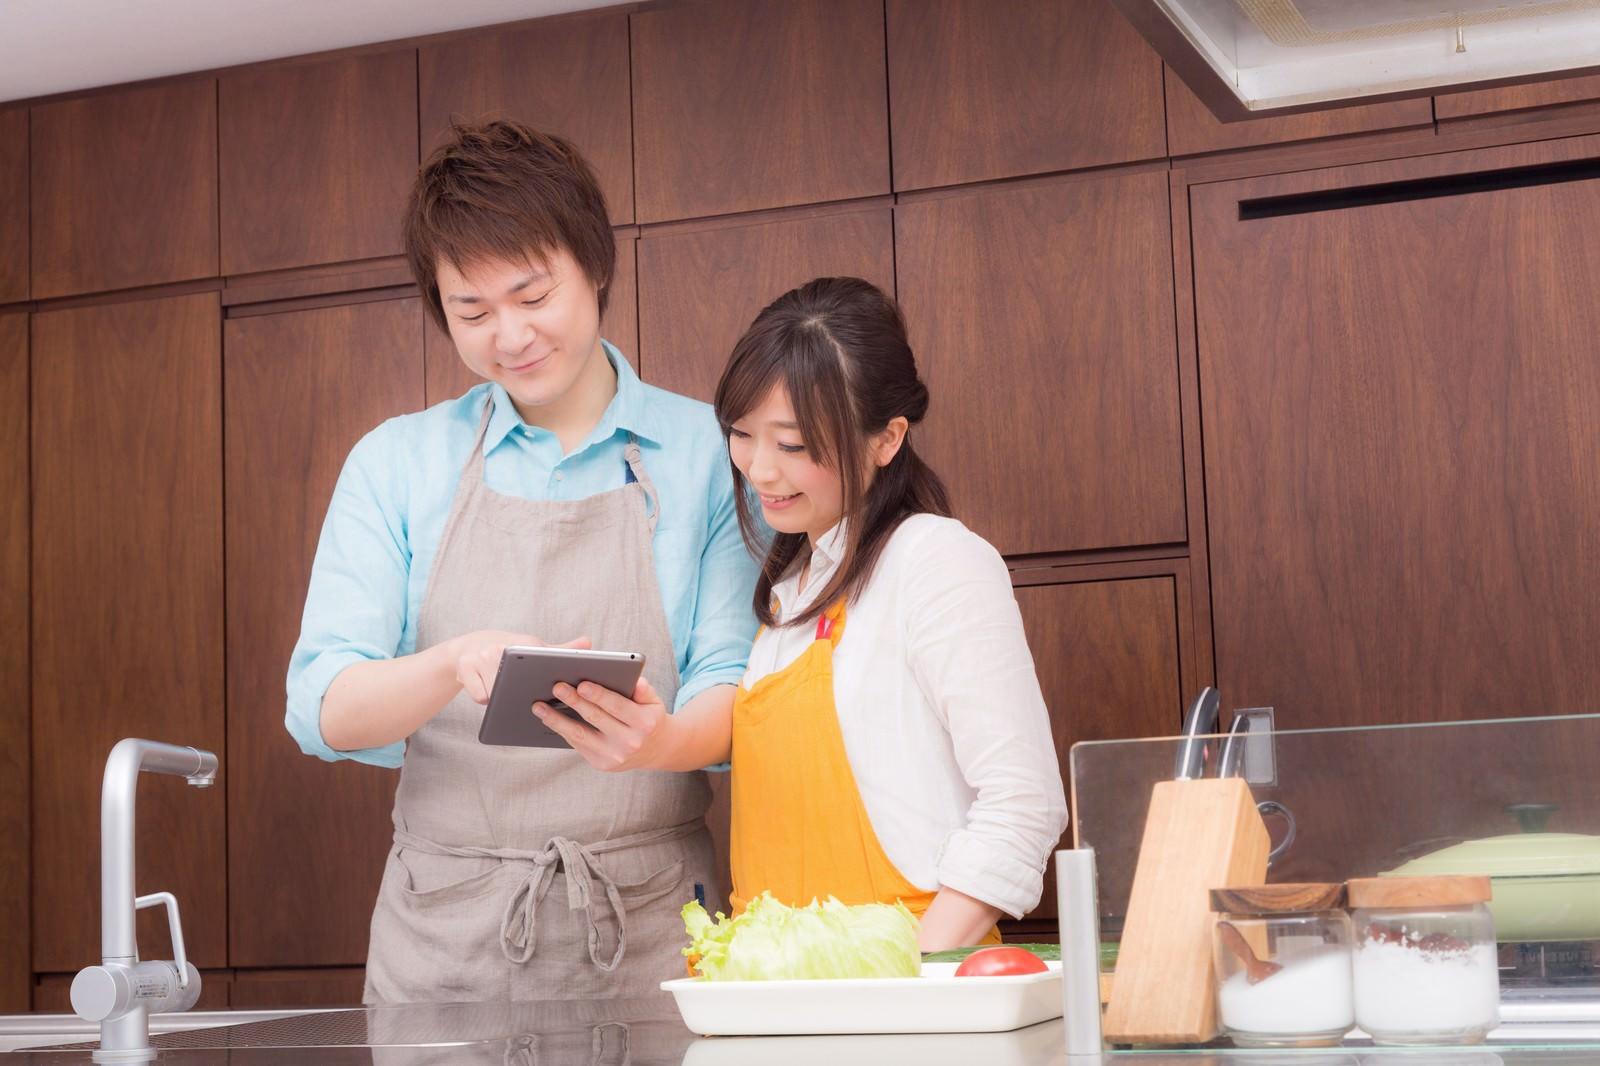 「夕飯のレシピは何を作ろうかキッチンでタブレットをみる夫婦」の写真[モデル:五十嵐夫妻]